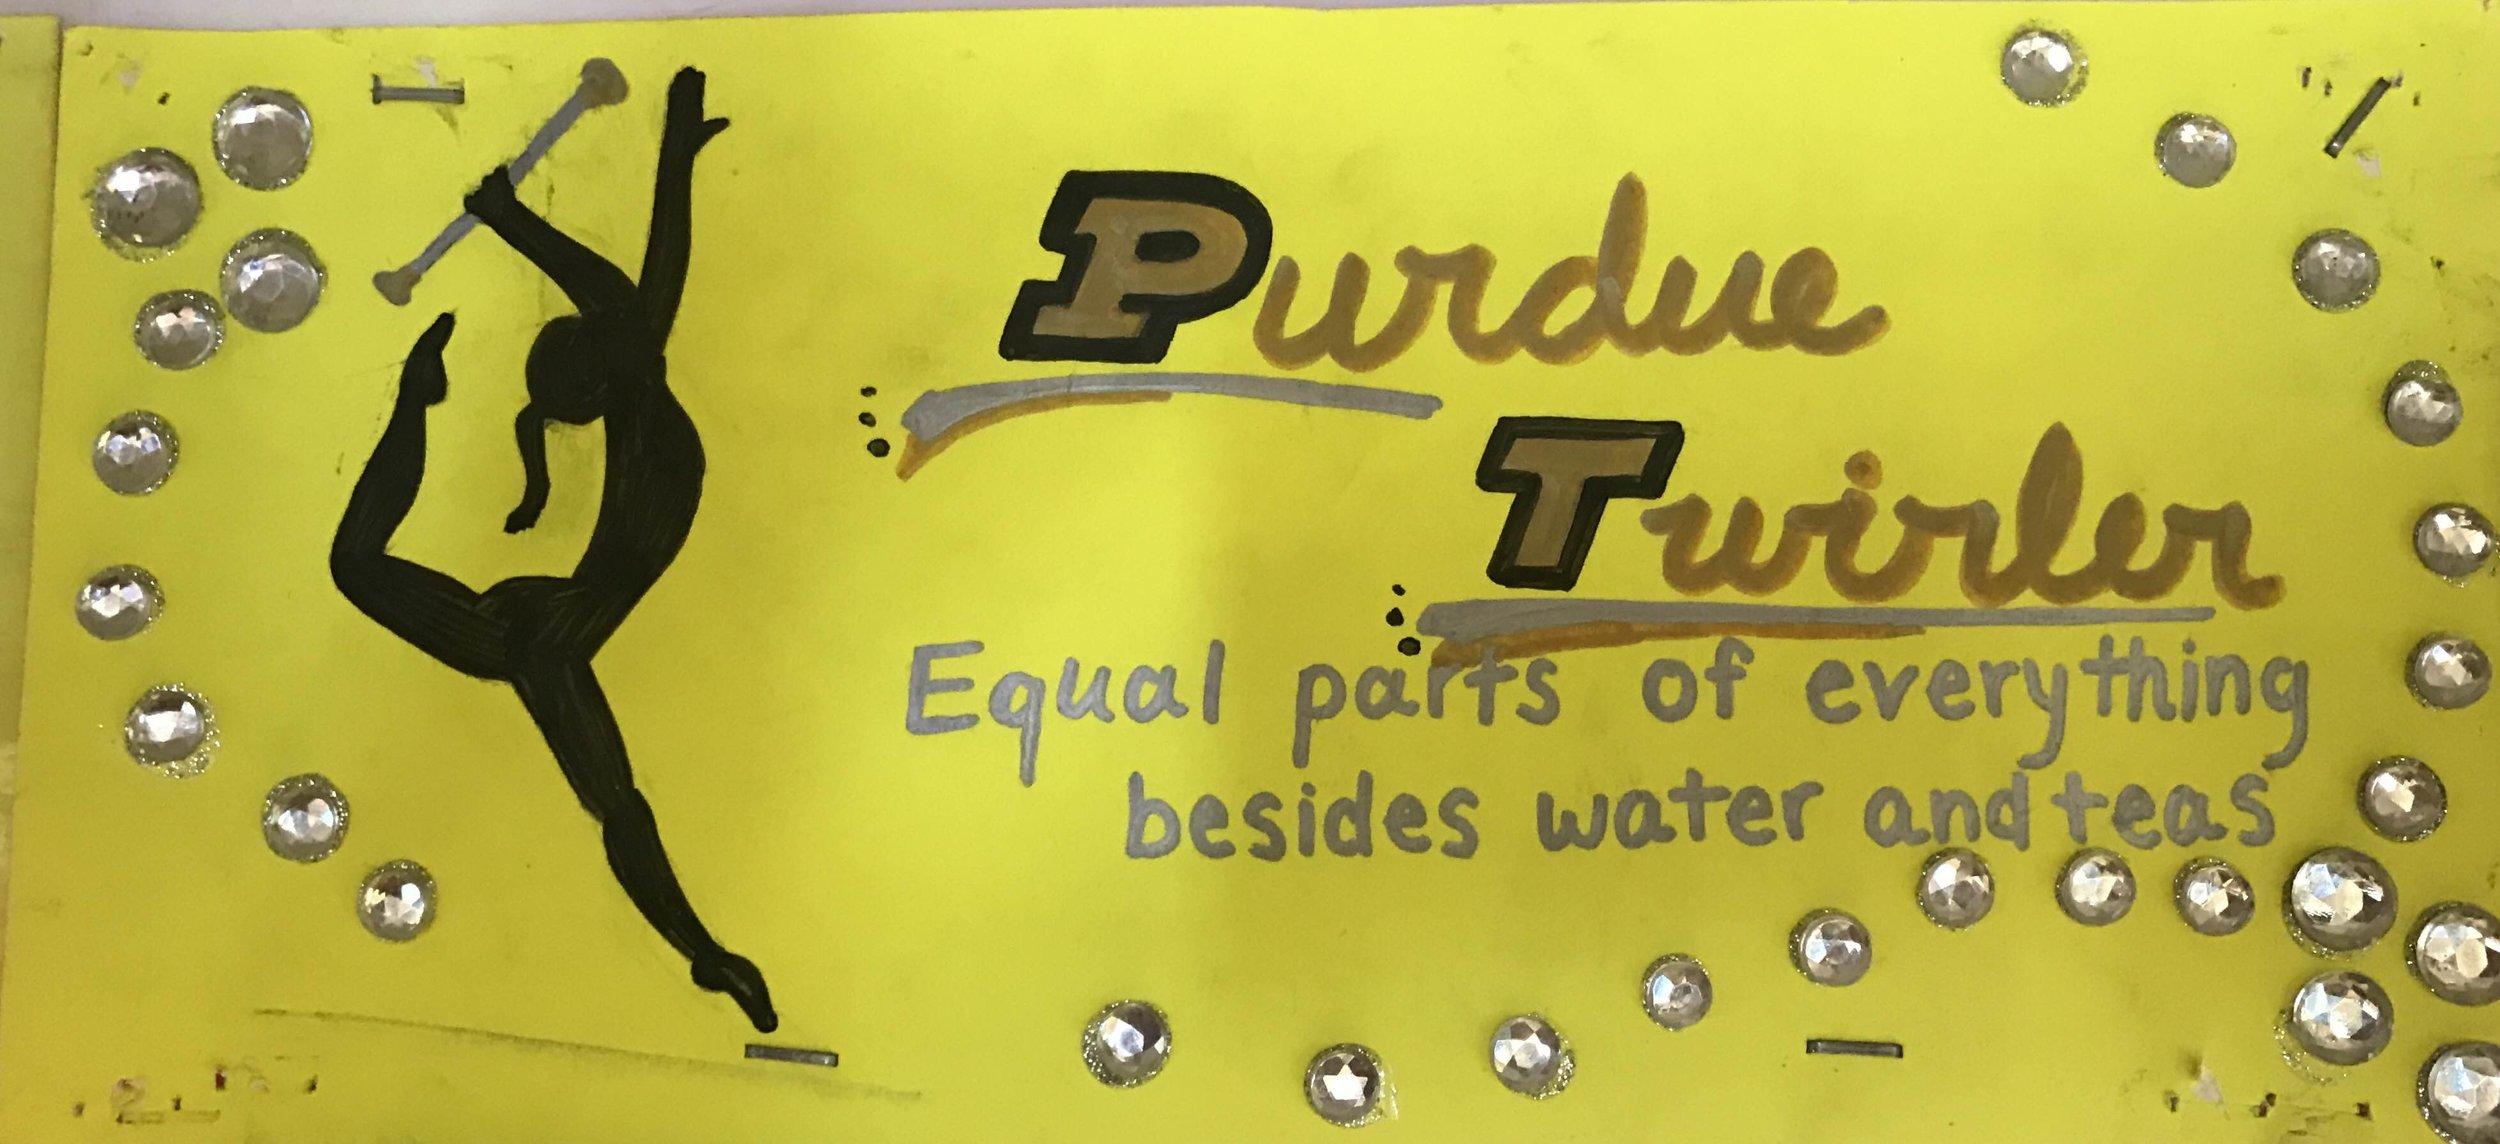 Purdue Twirler.JPG